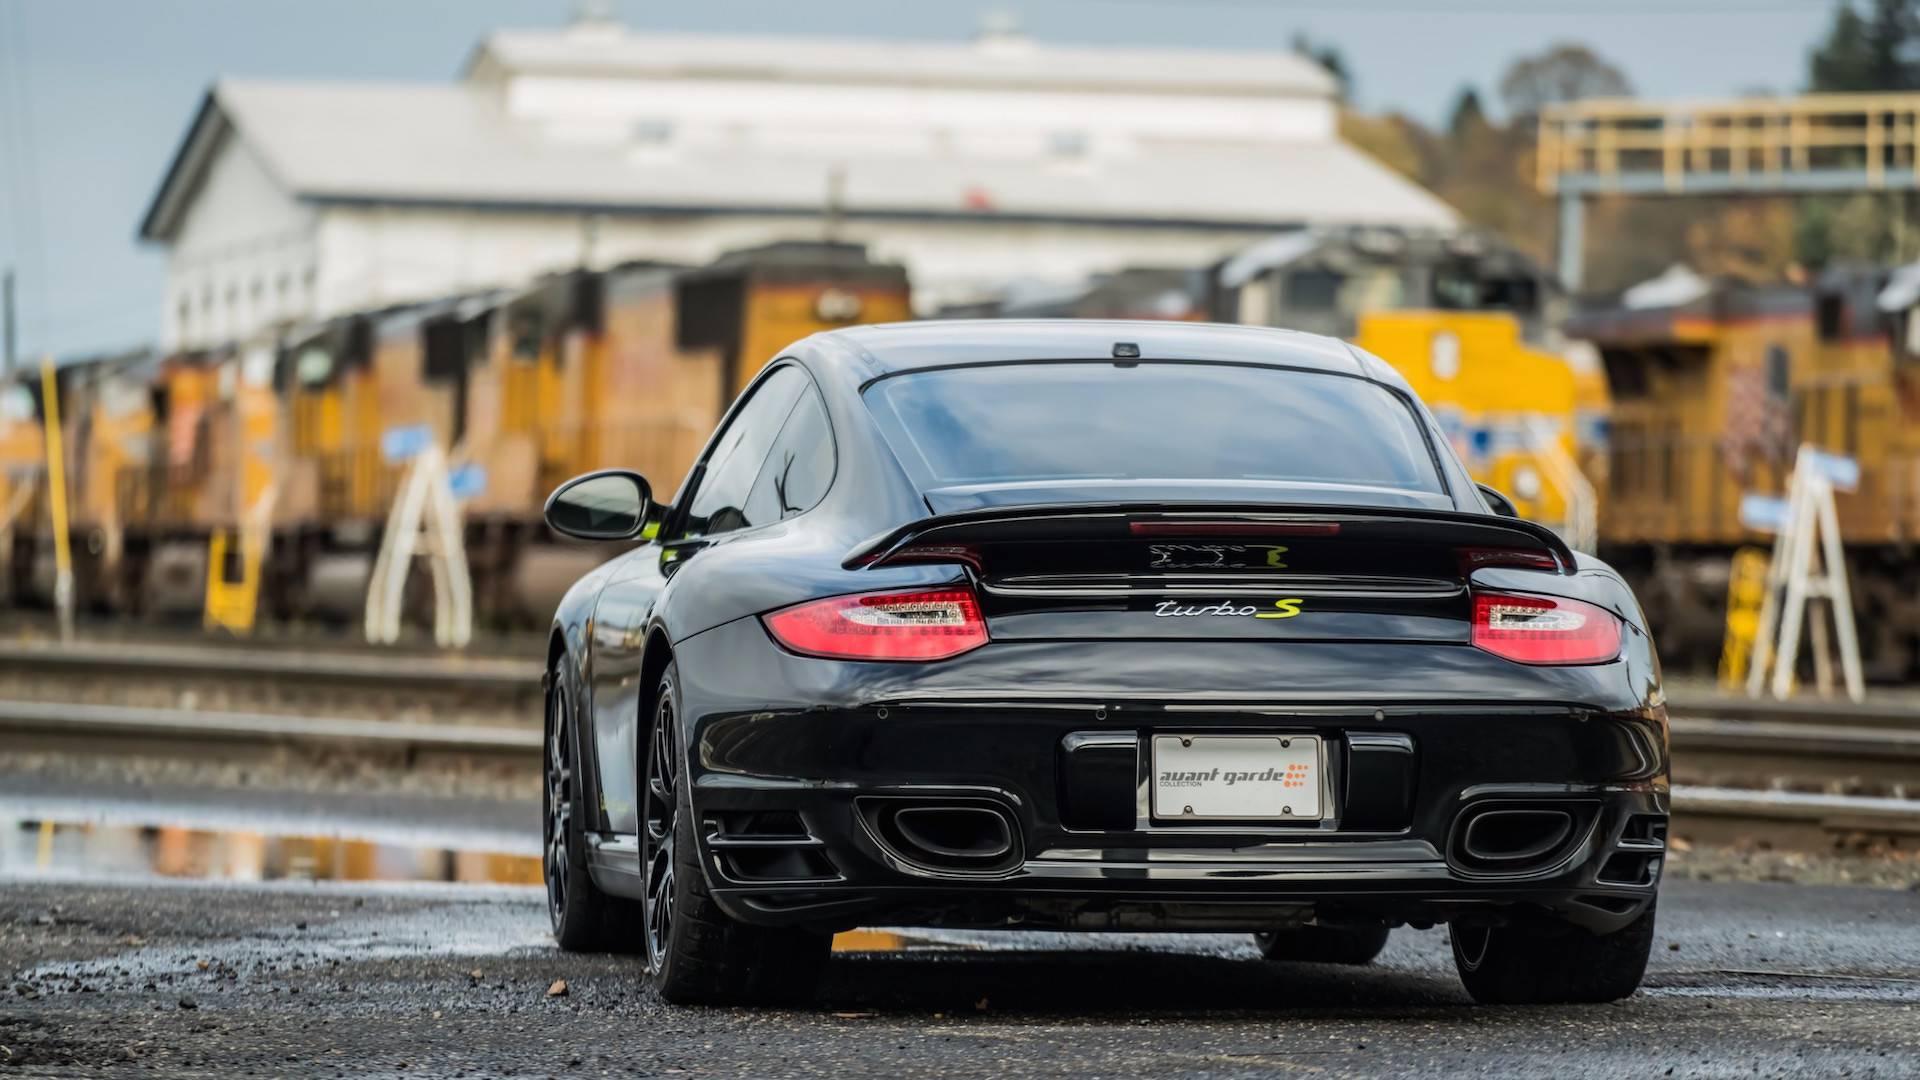 Porsche_911_Edition_918_Spyder_0002